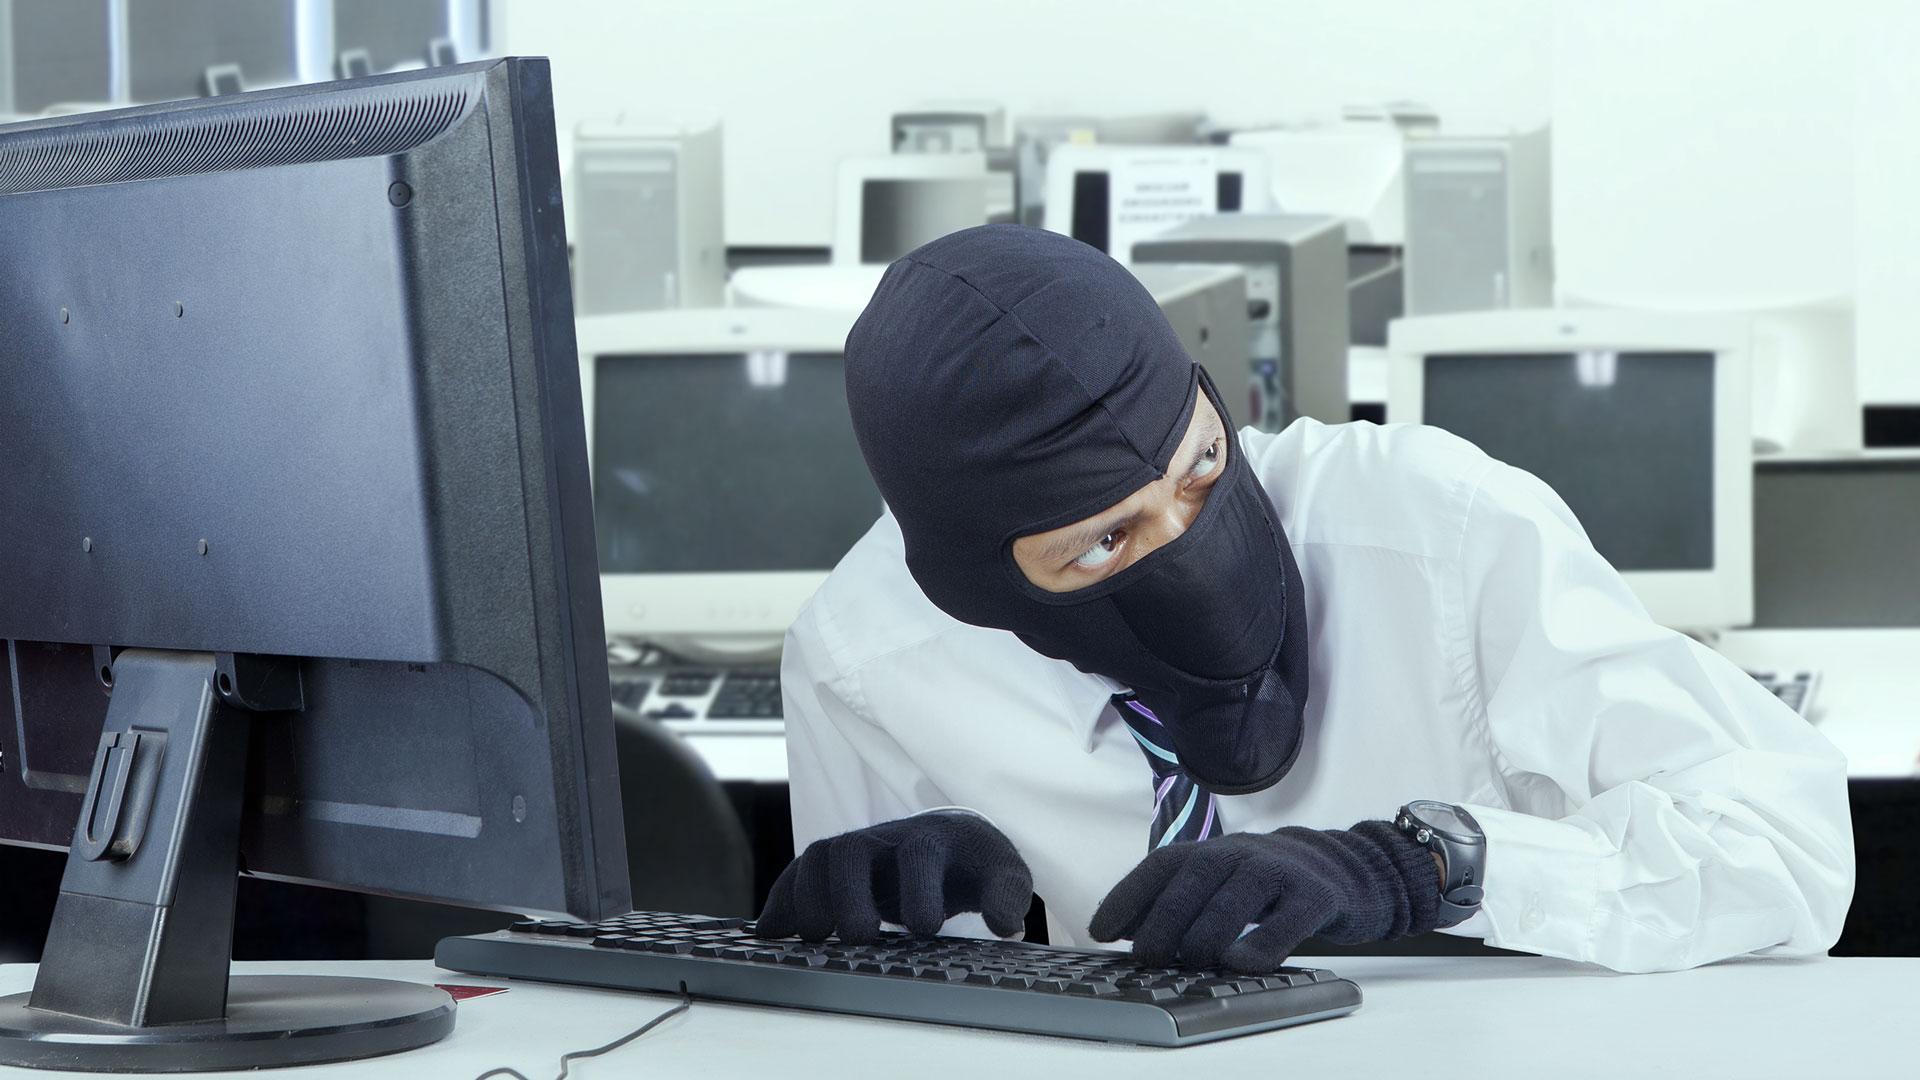 Sicherheitsrisiko durch IT-Angriffe